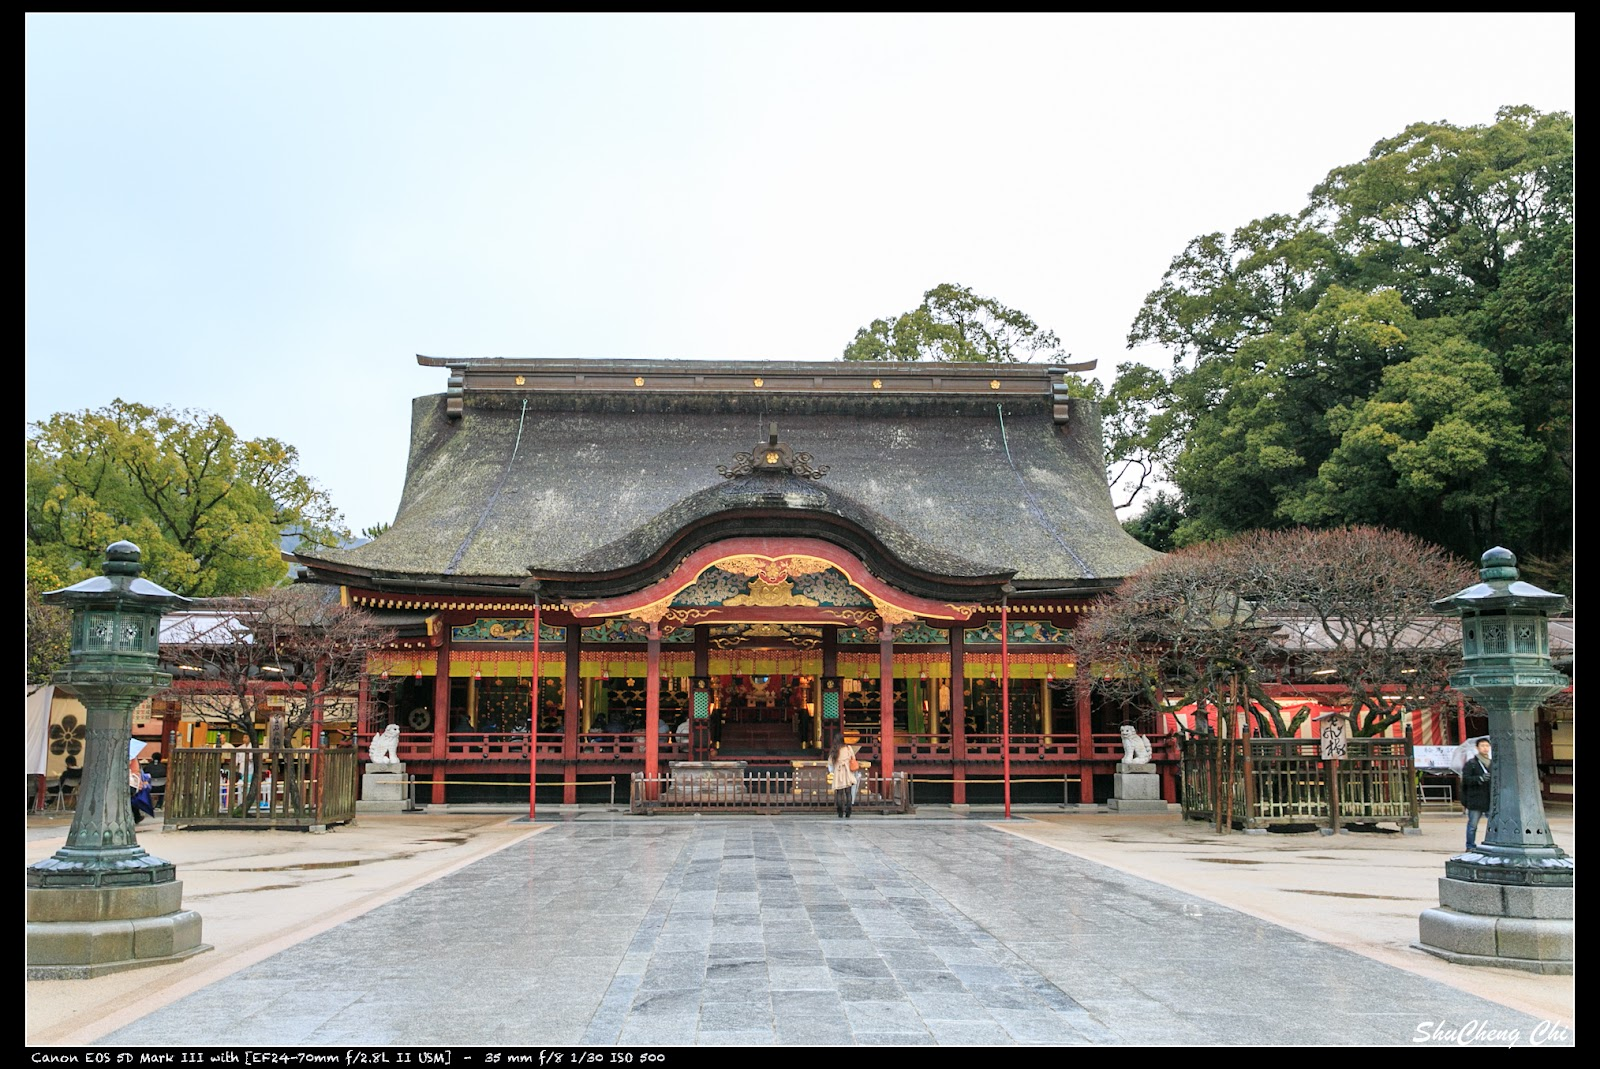 特愛日本 瘋旅行: 2013 福岡.本州 [景點] 太宰府天滿宮